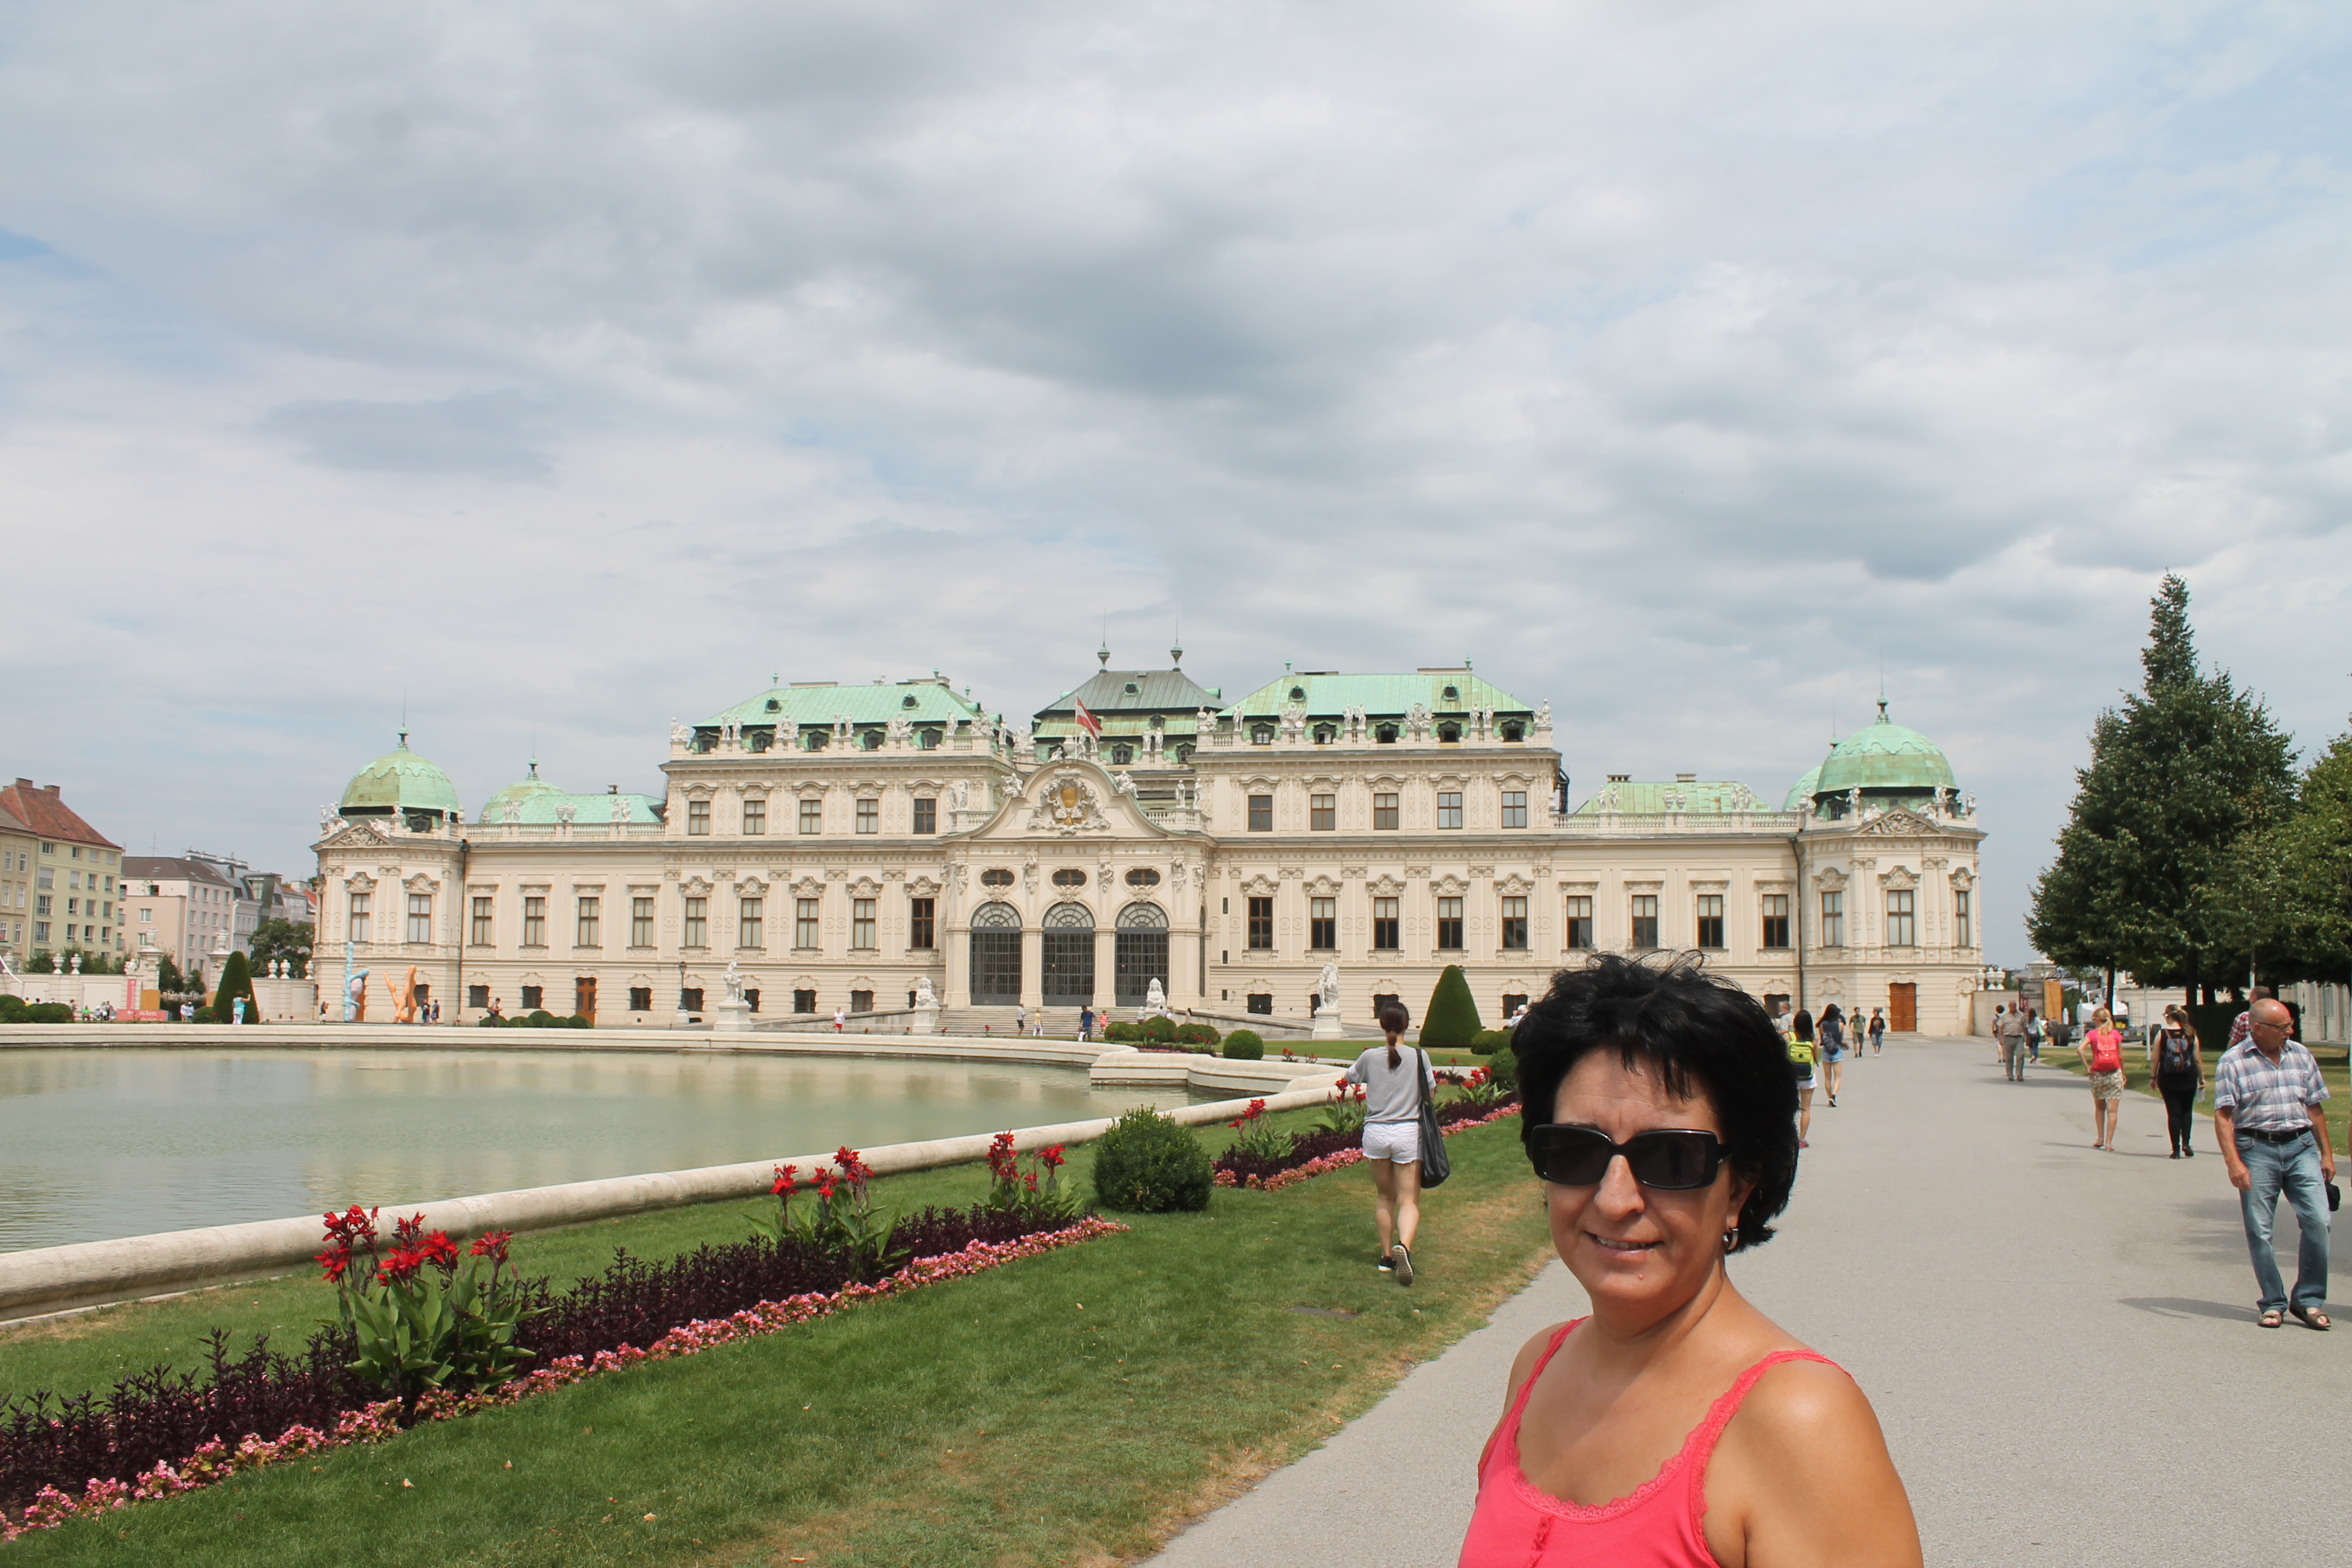 Mª José nos muestra el Palacio de Belvedere de Viena